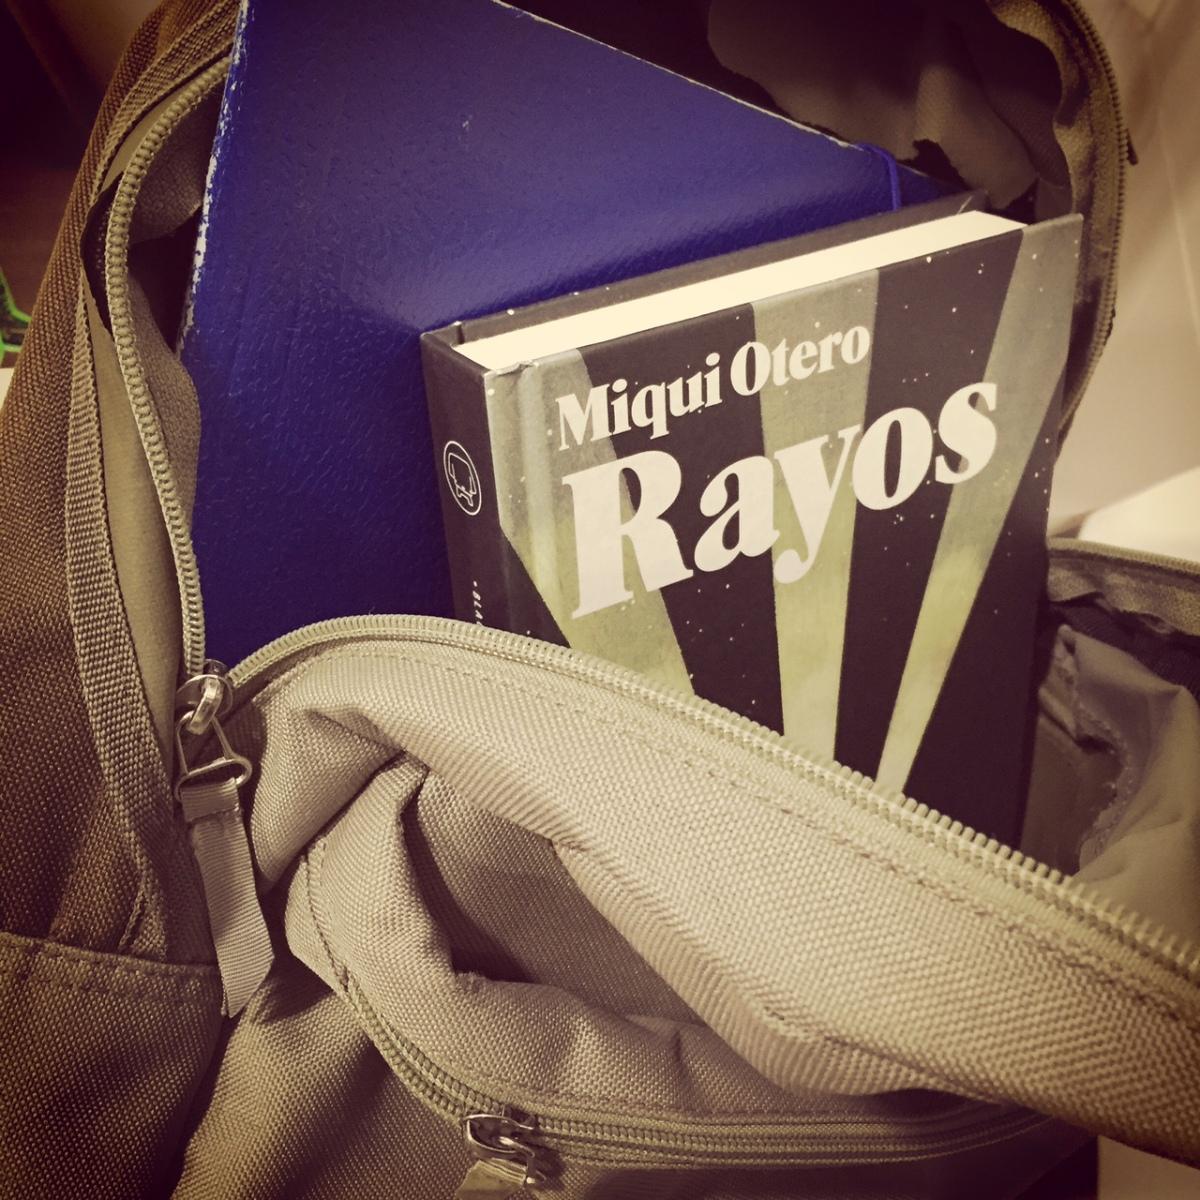 'Rayos' (Blackie Books), MiquiOtero